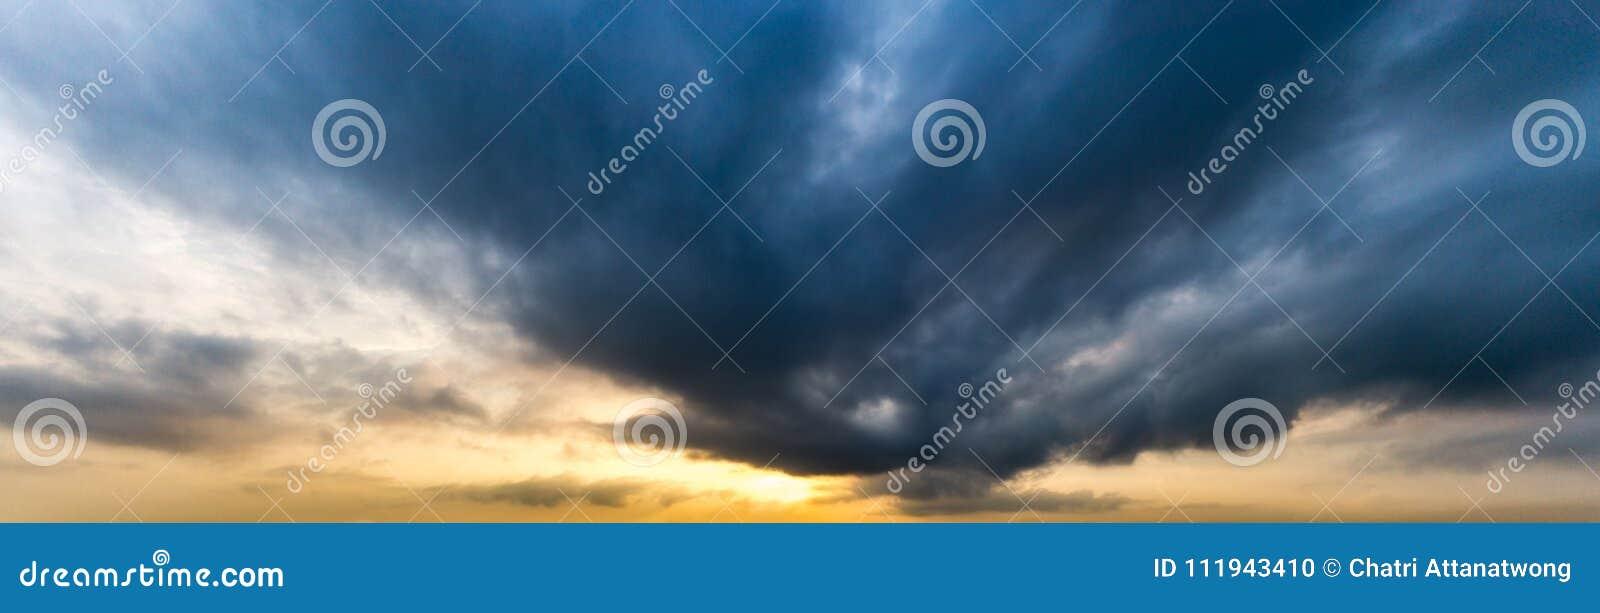 Imagem do panorama da nuvem do strom no céu na manhã